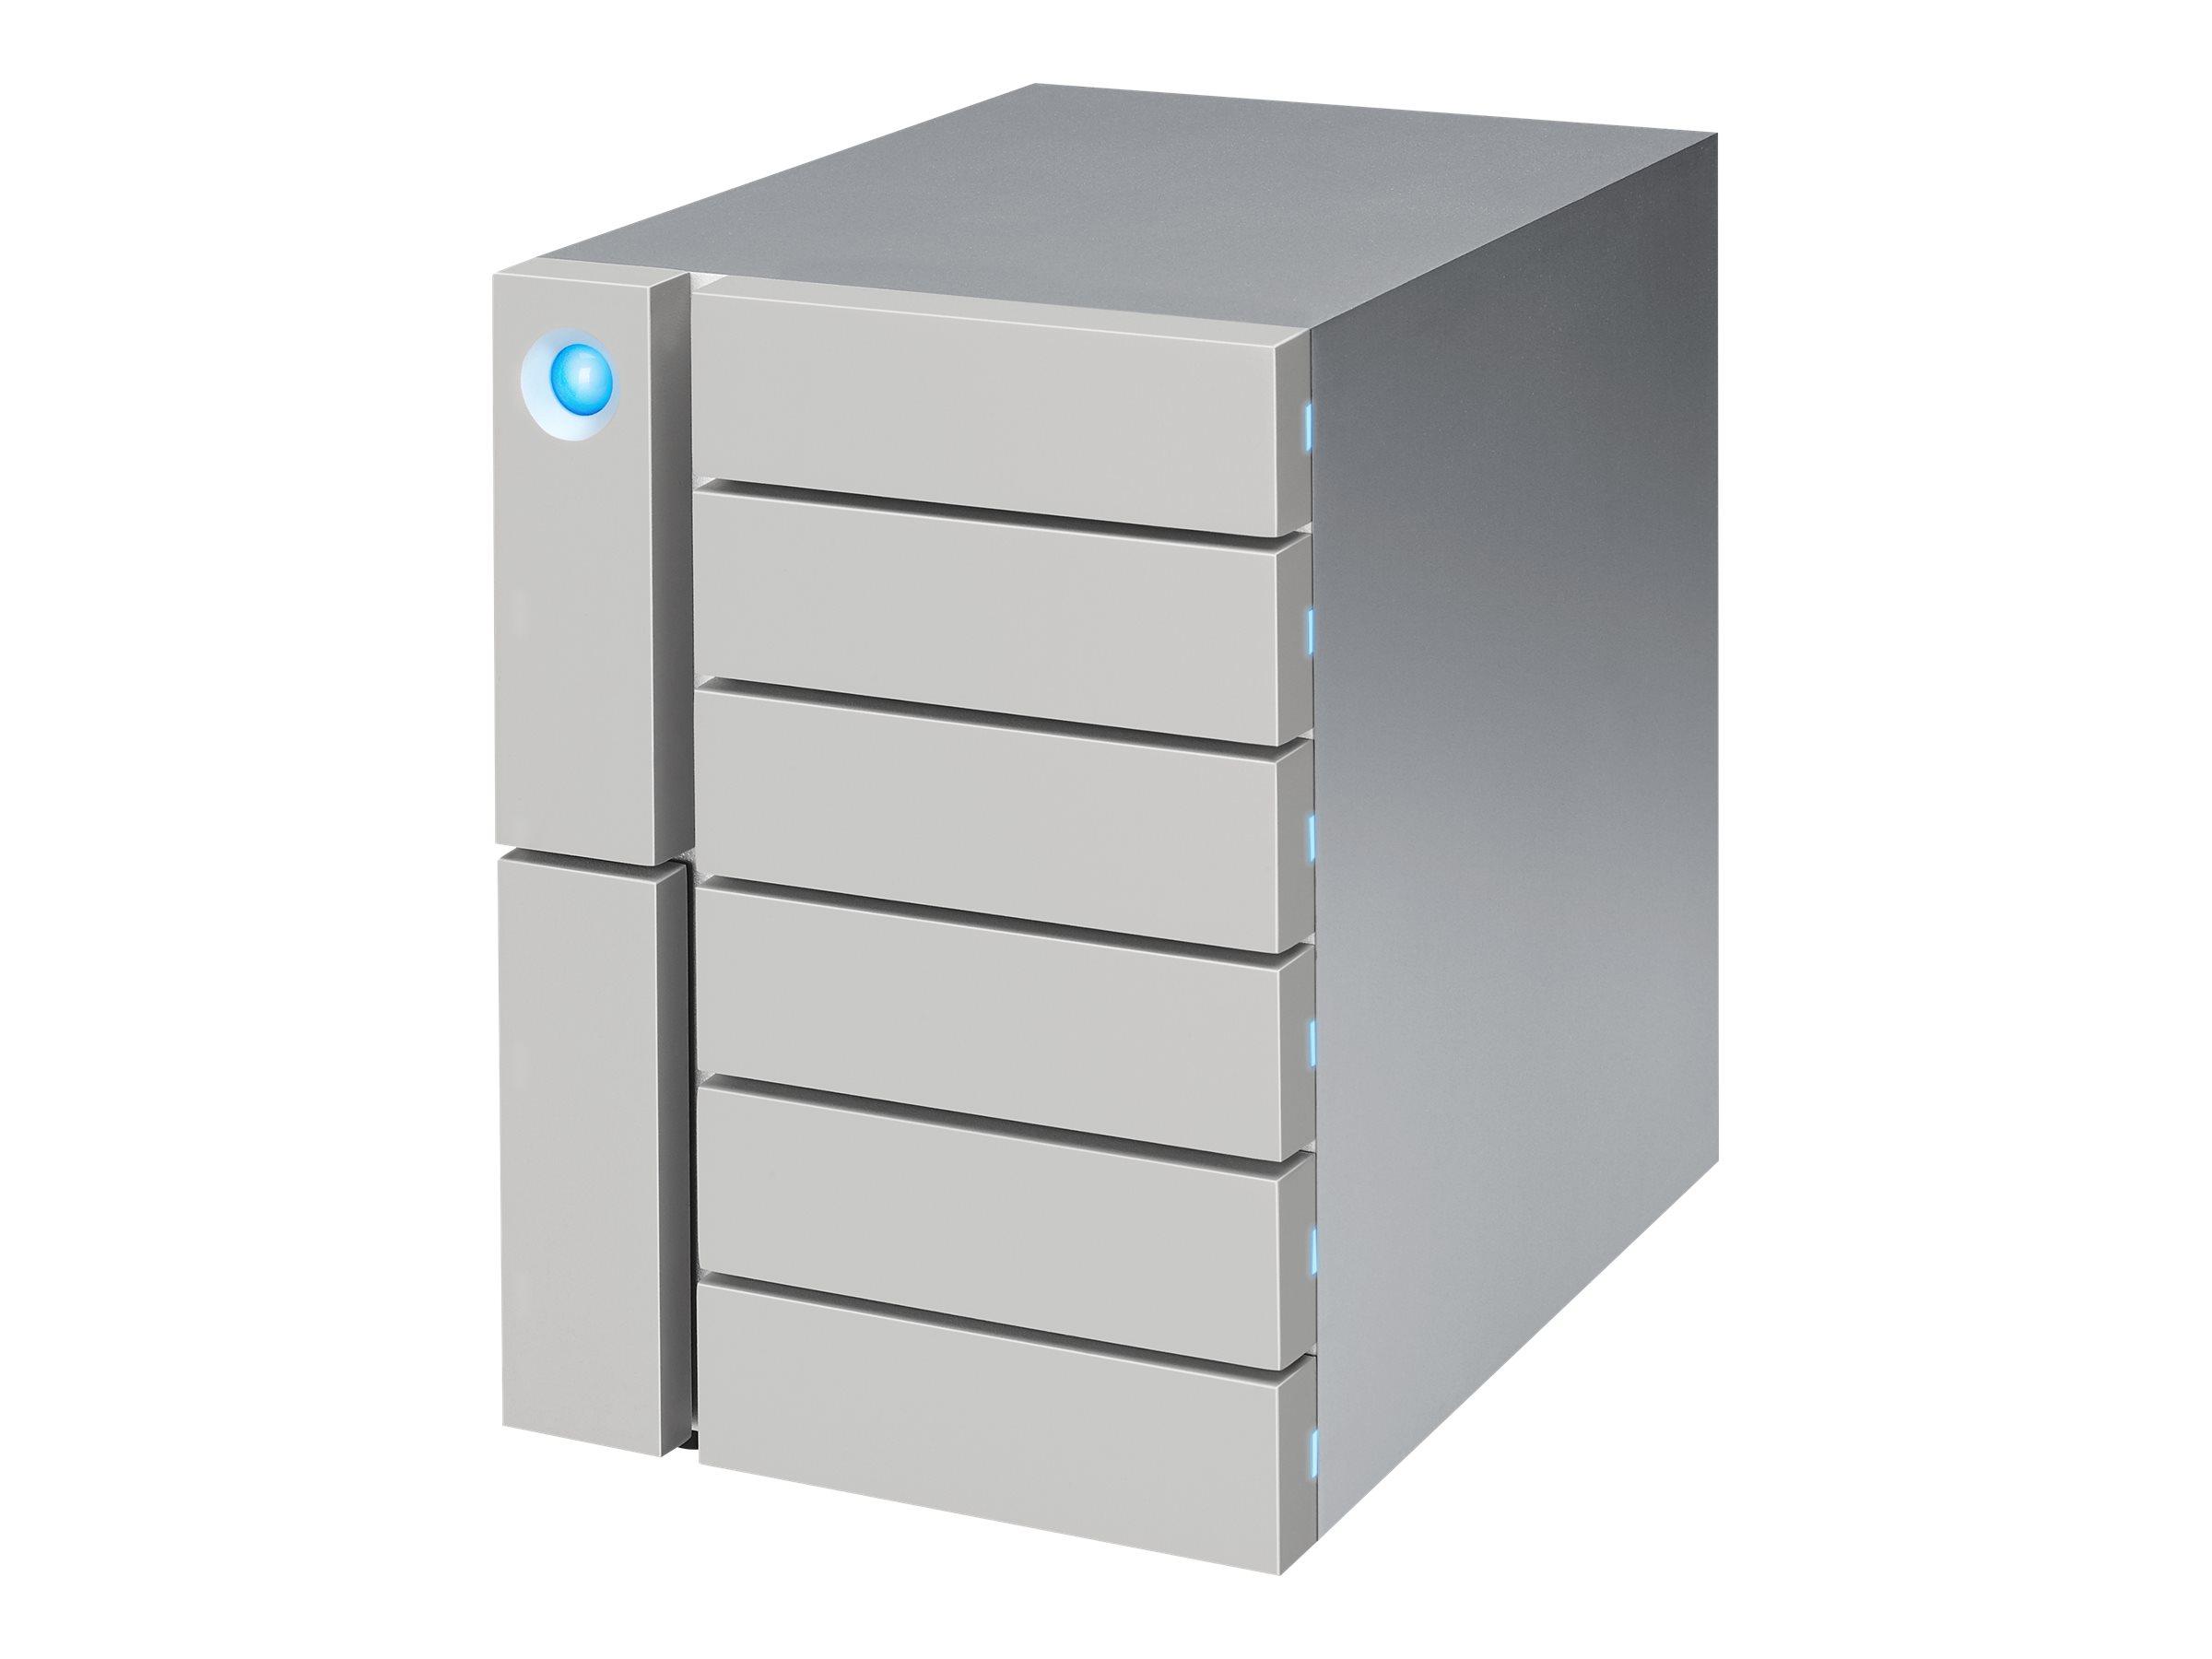 LaCie 6big Thunderbolt 3 STFK48000402 - Festplatten-Array - 48 TB - 6 Schächte (SATA) - HDD 8 TB x 6 - USB 3.1, Thunderbolt 3 (e